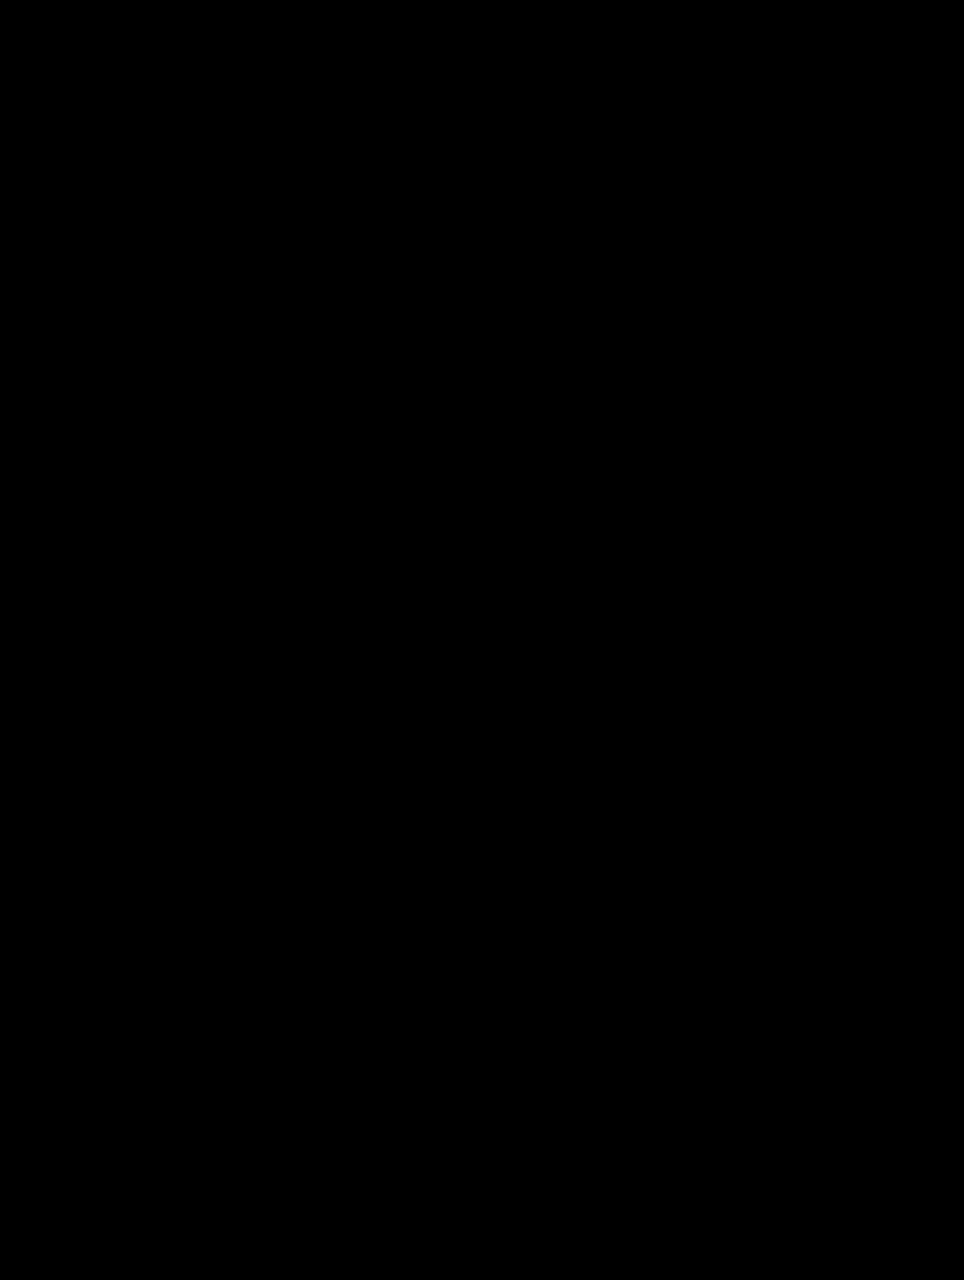 Anker Nautisch Symbol - Kostenlose Vektorgrafik auf Pixabay